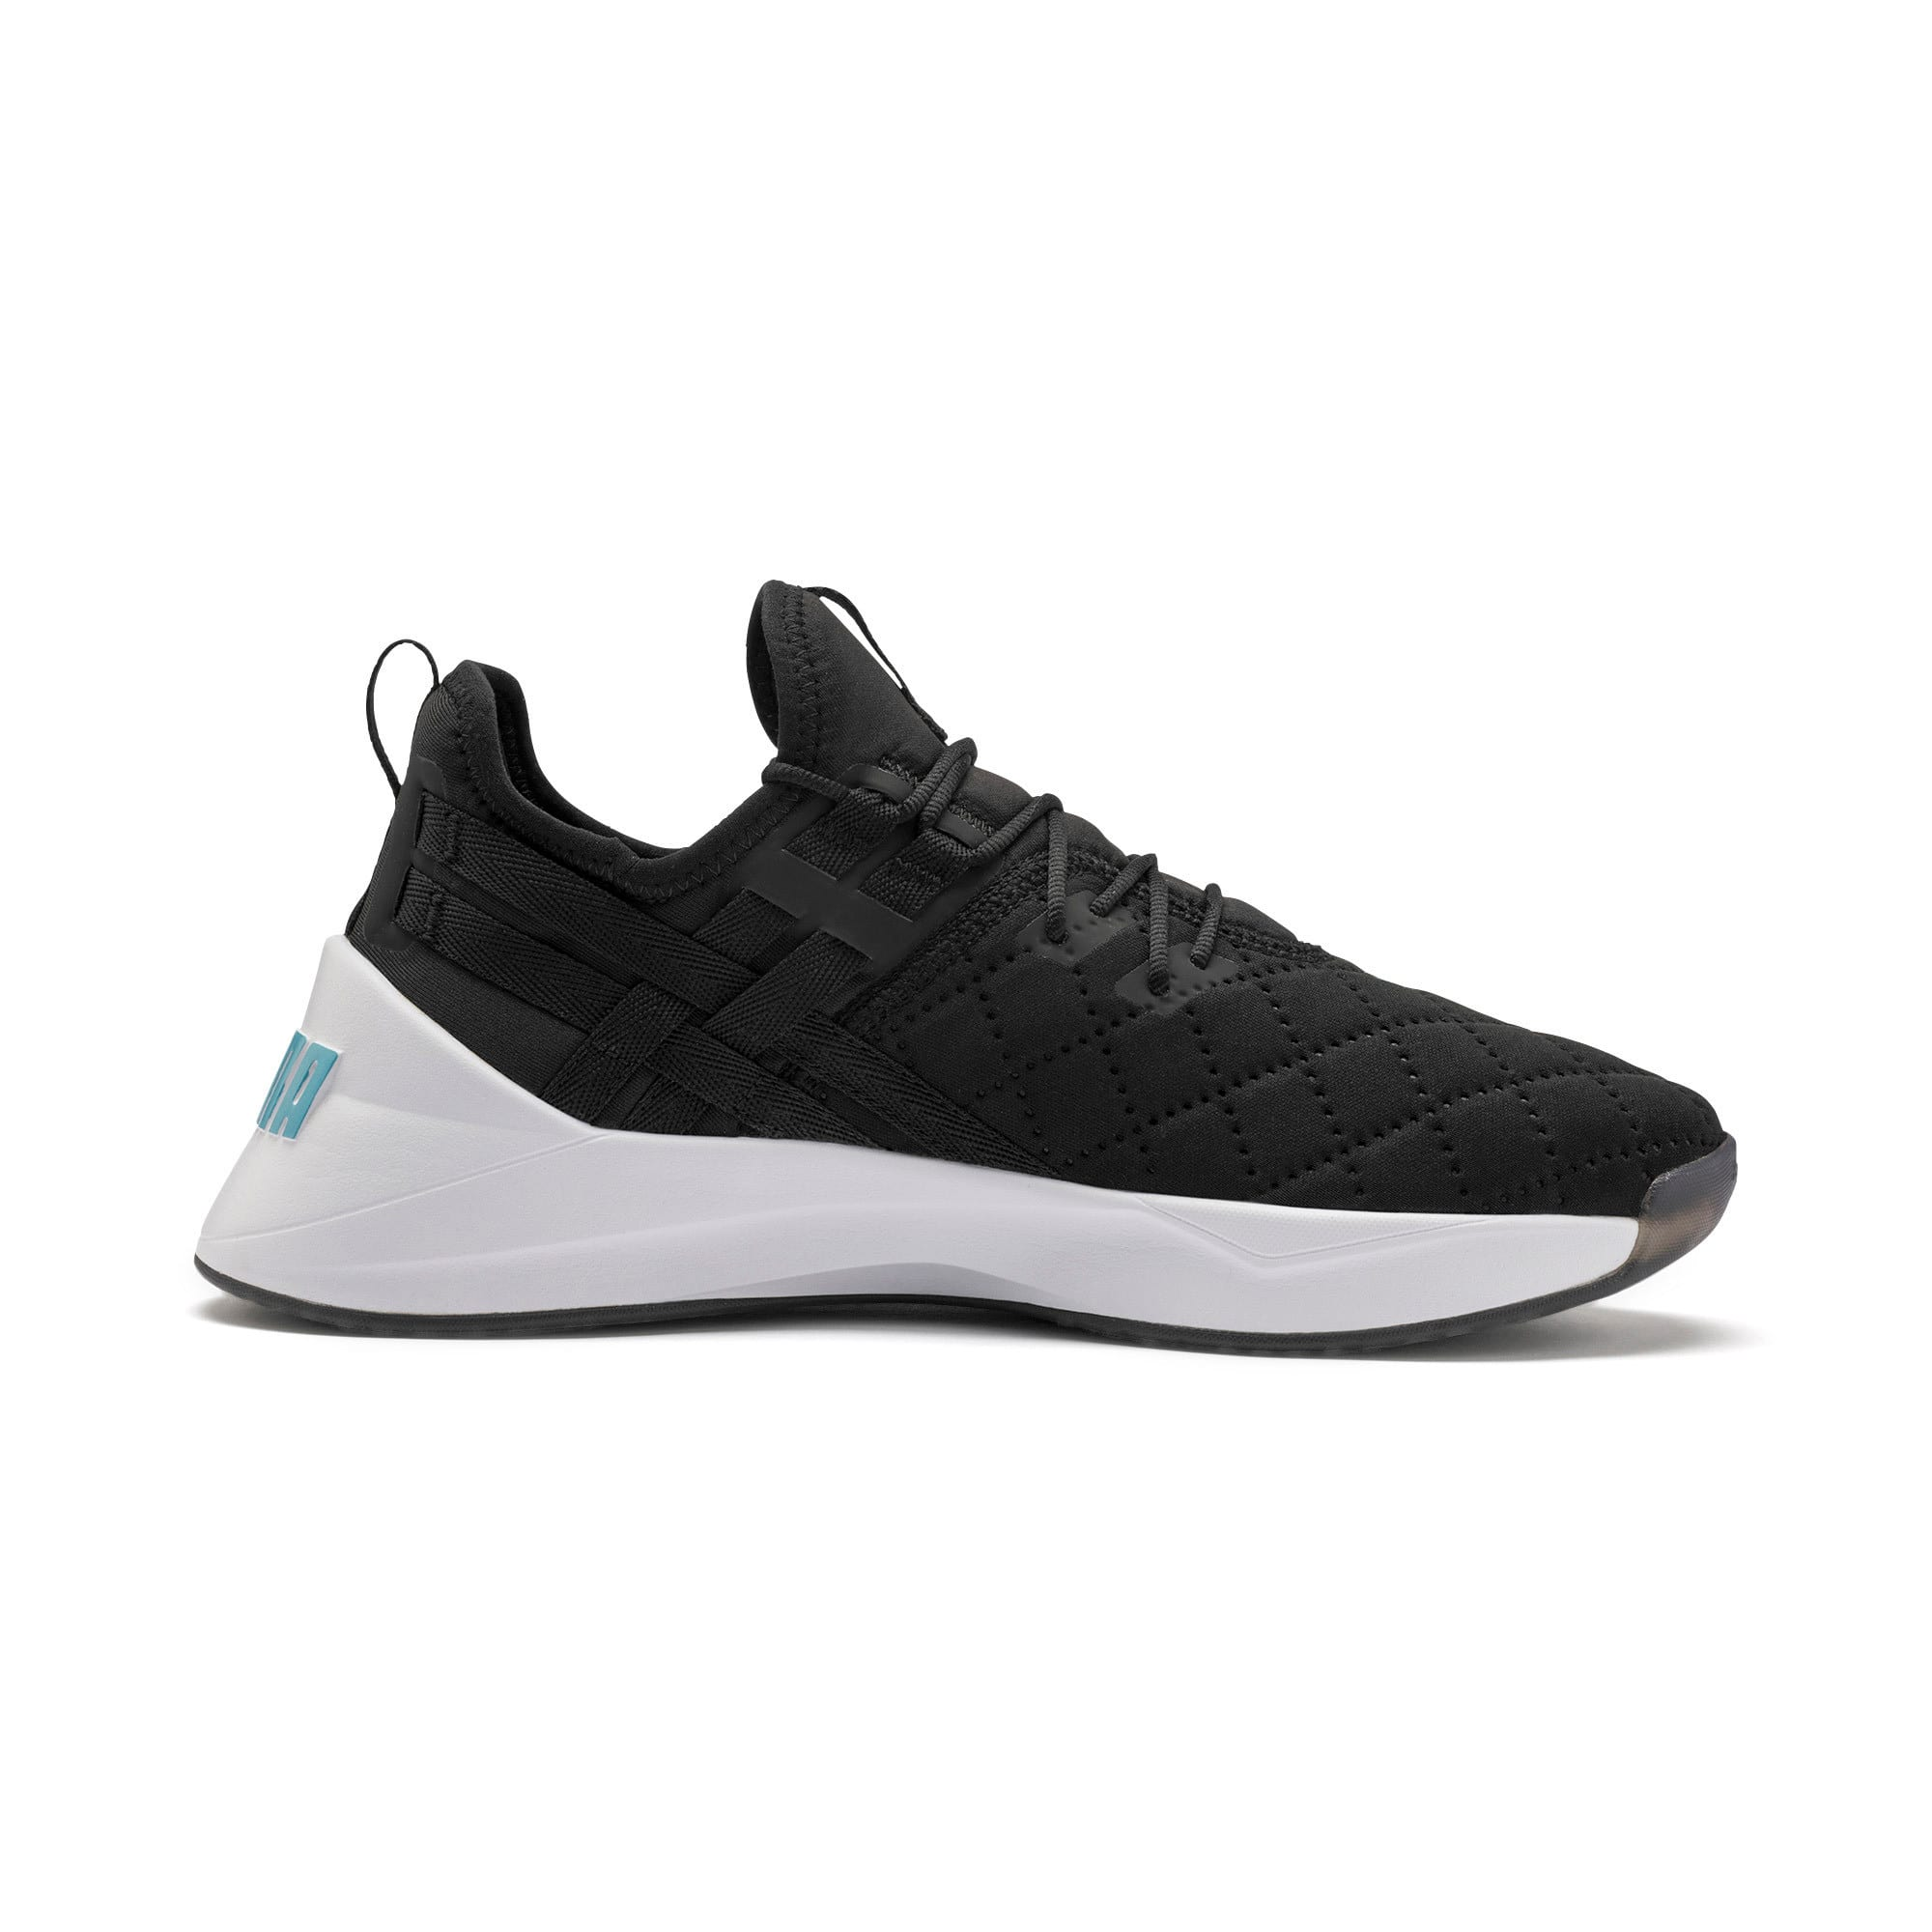 Miniatura 6 de Zapatos deportivos Jaab XT Quilt para mujer, Puma Black-Puma White, mediano